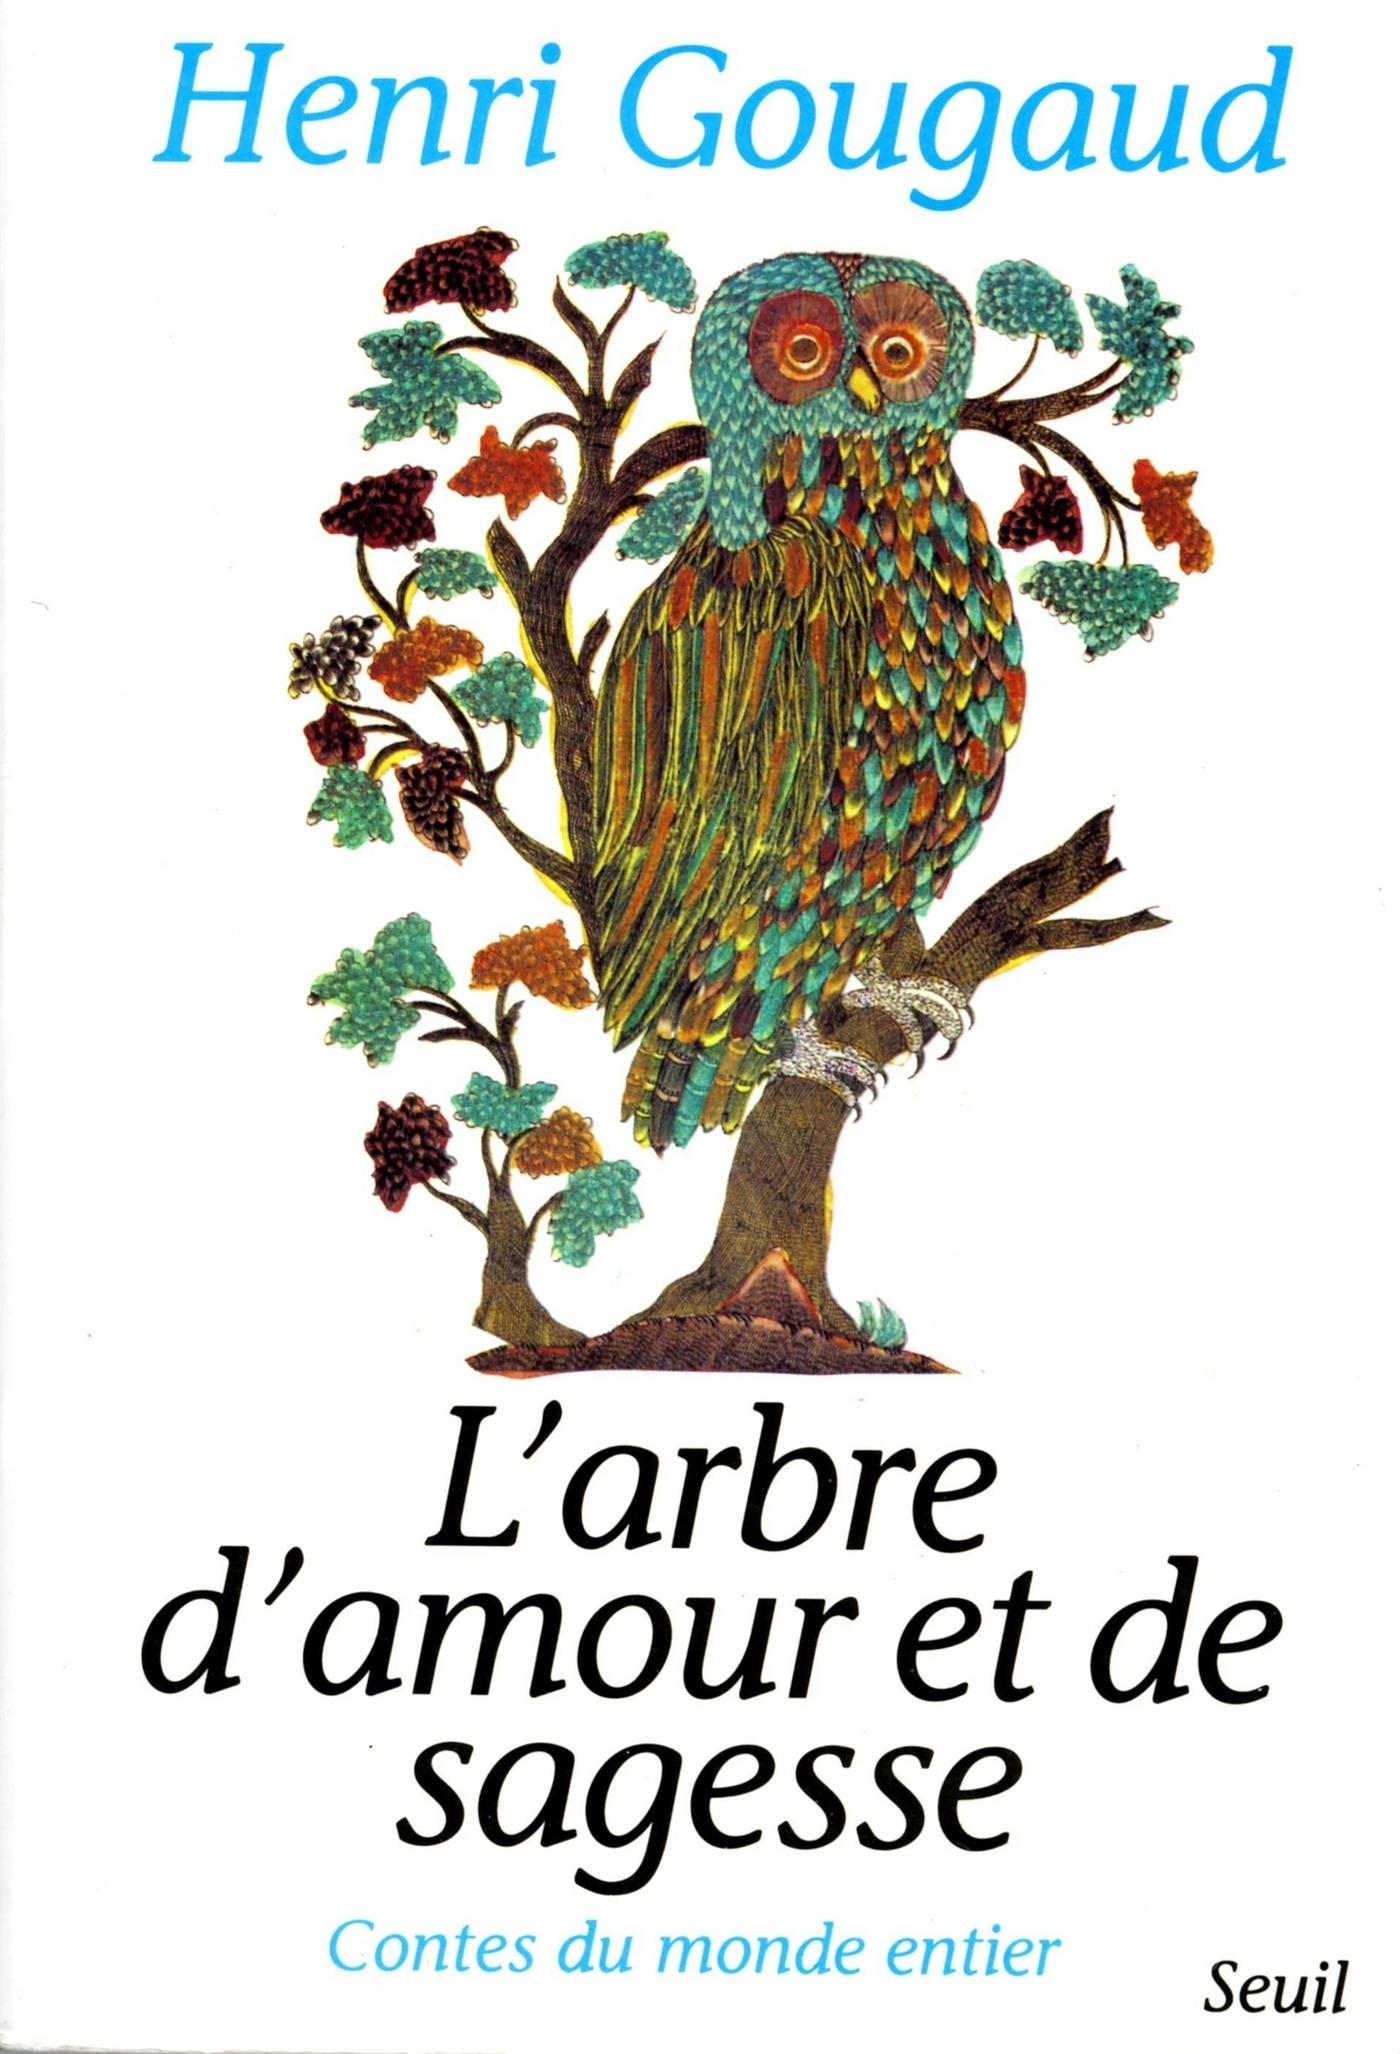 Les Contes Du Monde Entier : contes, monde, entier, L'Arbre, D'amour, Sagesse., Contes, Monde, Entier, Henri, Gougaud, Leslibraires.ca